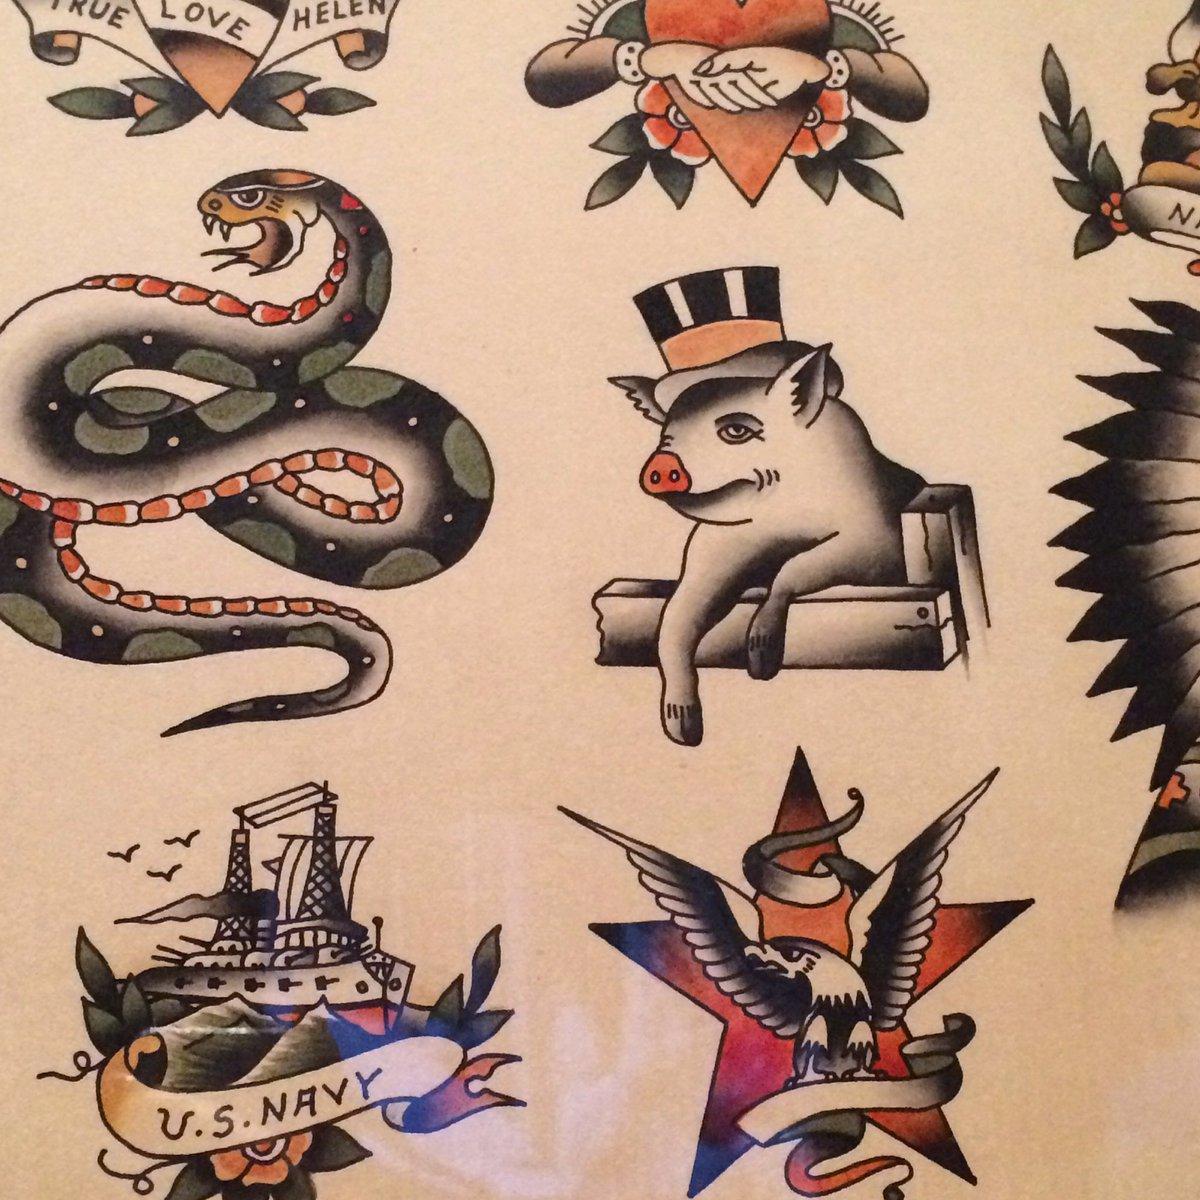 allison c meier on twitter my tattoo temptation from the